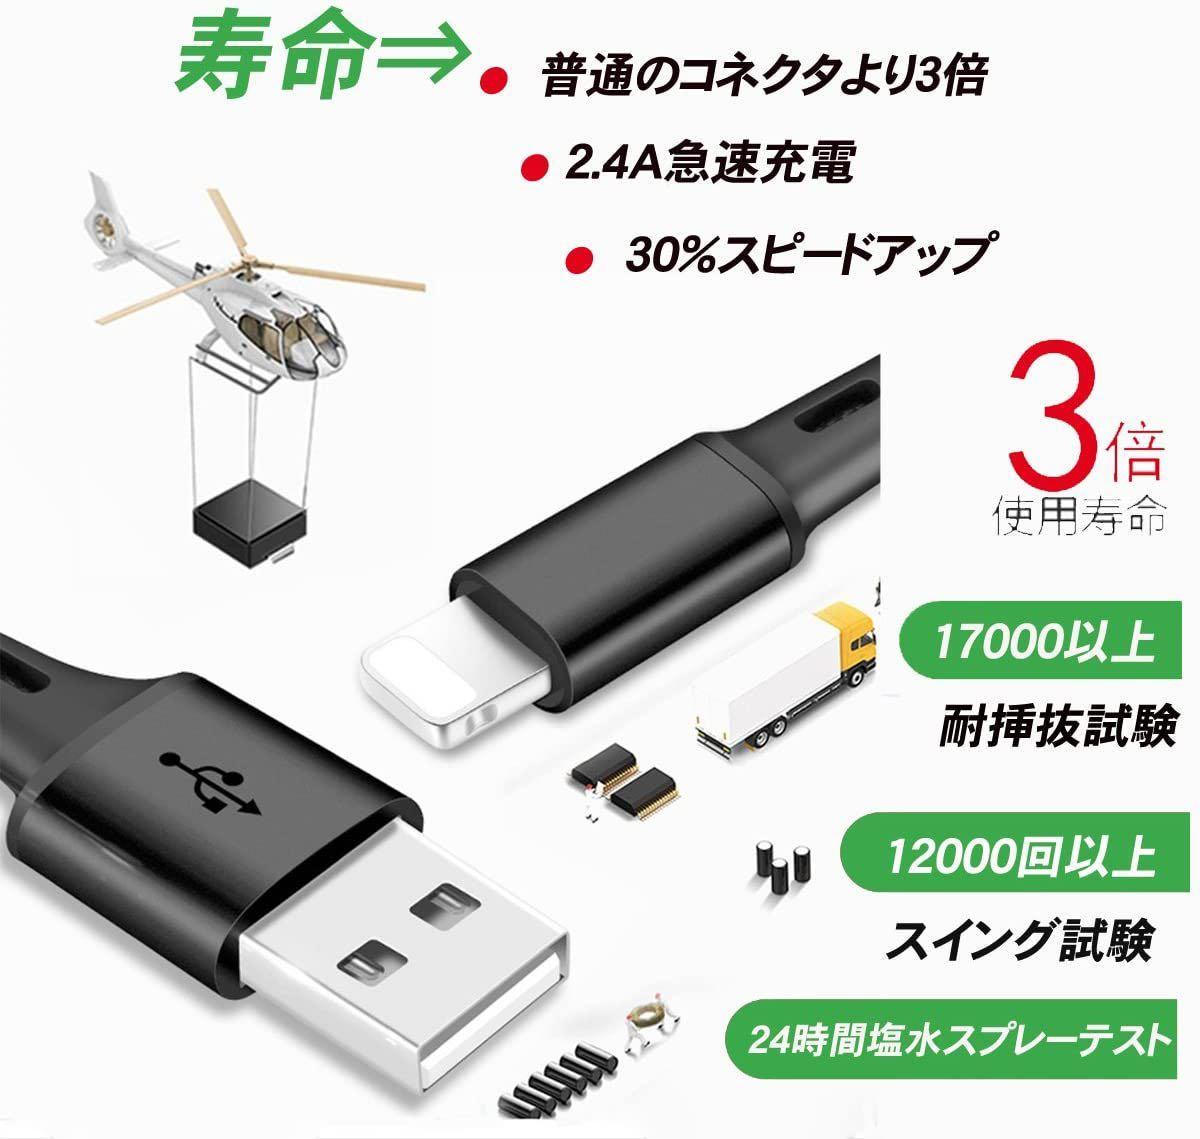 充電ケーブル usb iOS/ iphone /Android/type c 同時給電可能 2.4A急速充電 多機種対応 1.2m